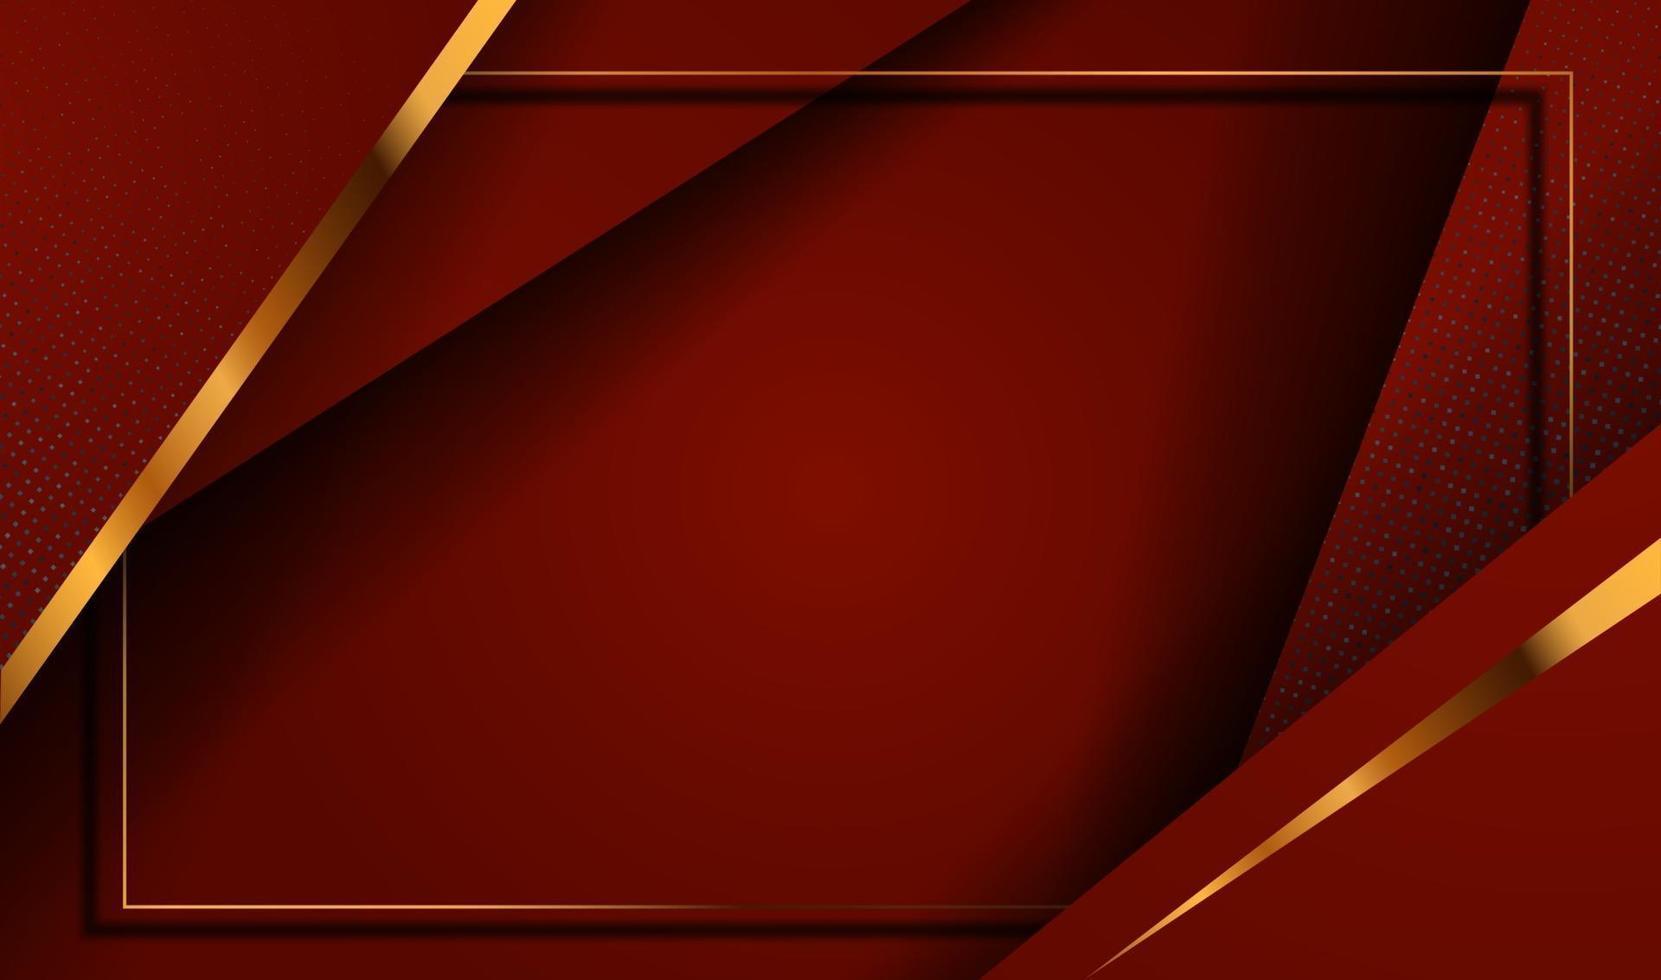 pappersskuren lyxig guldbakgrund med abstrakt metalltextur 3d vektor